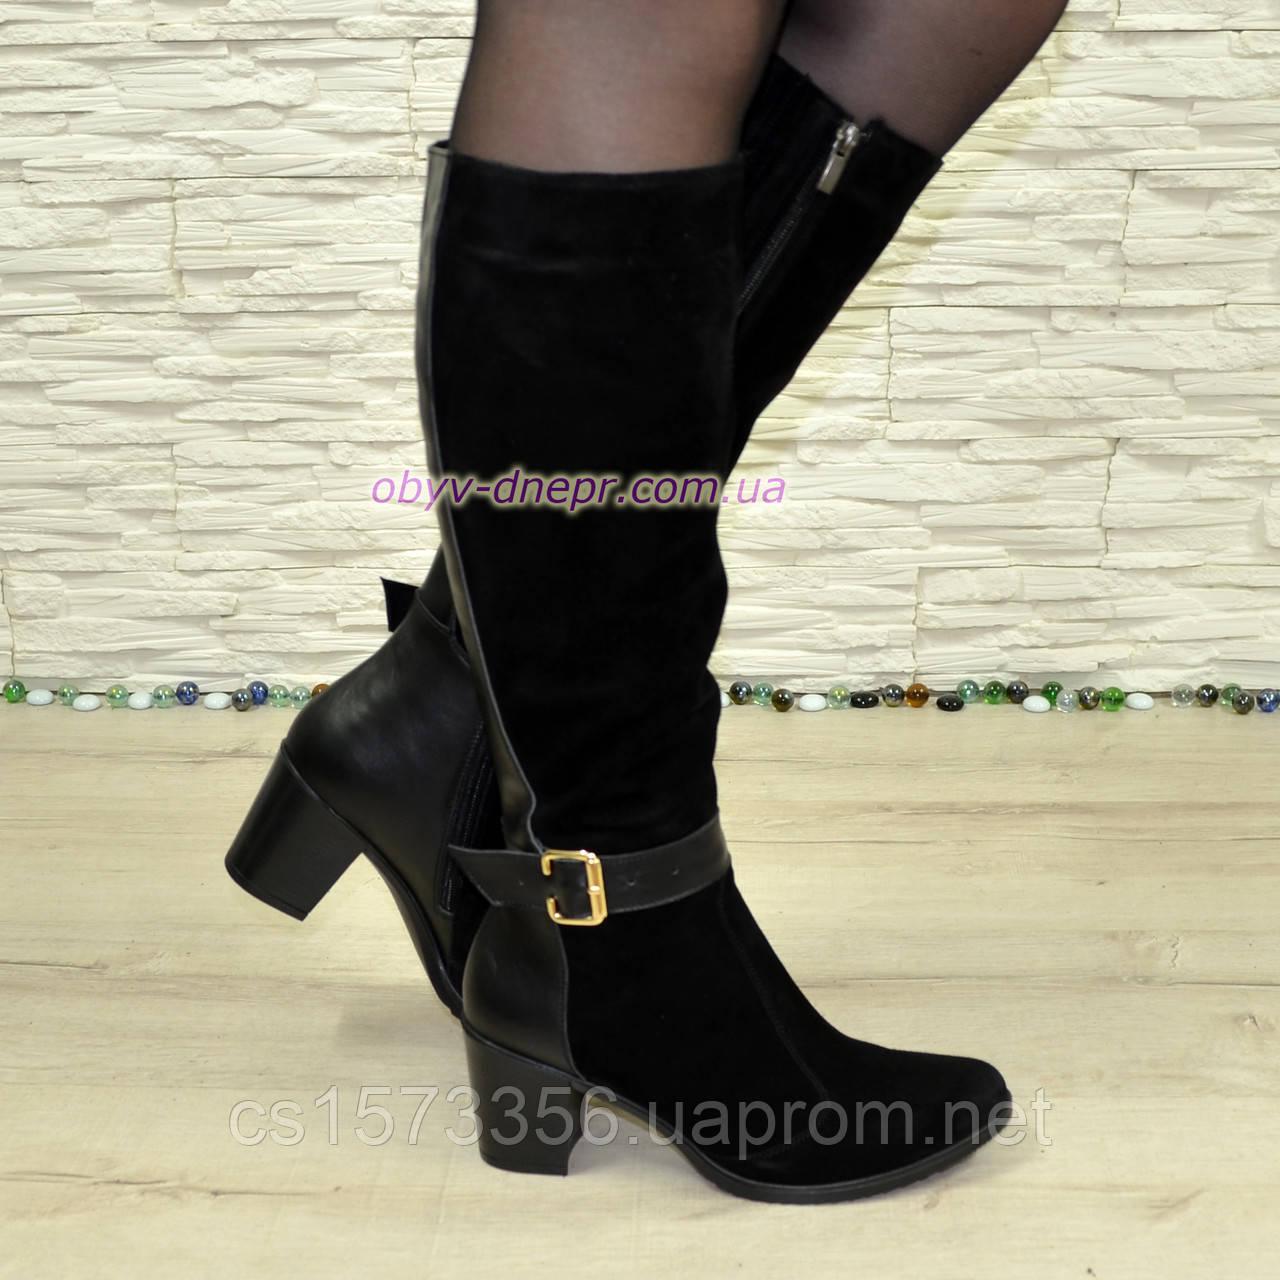 Женские замшевые сапоги на невысоком устойчивом каблуке. Батал.